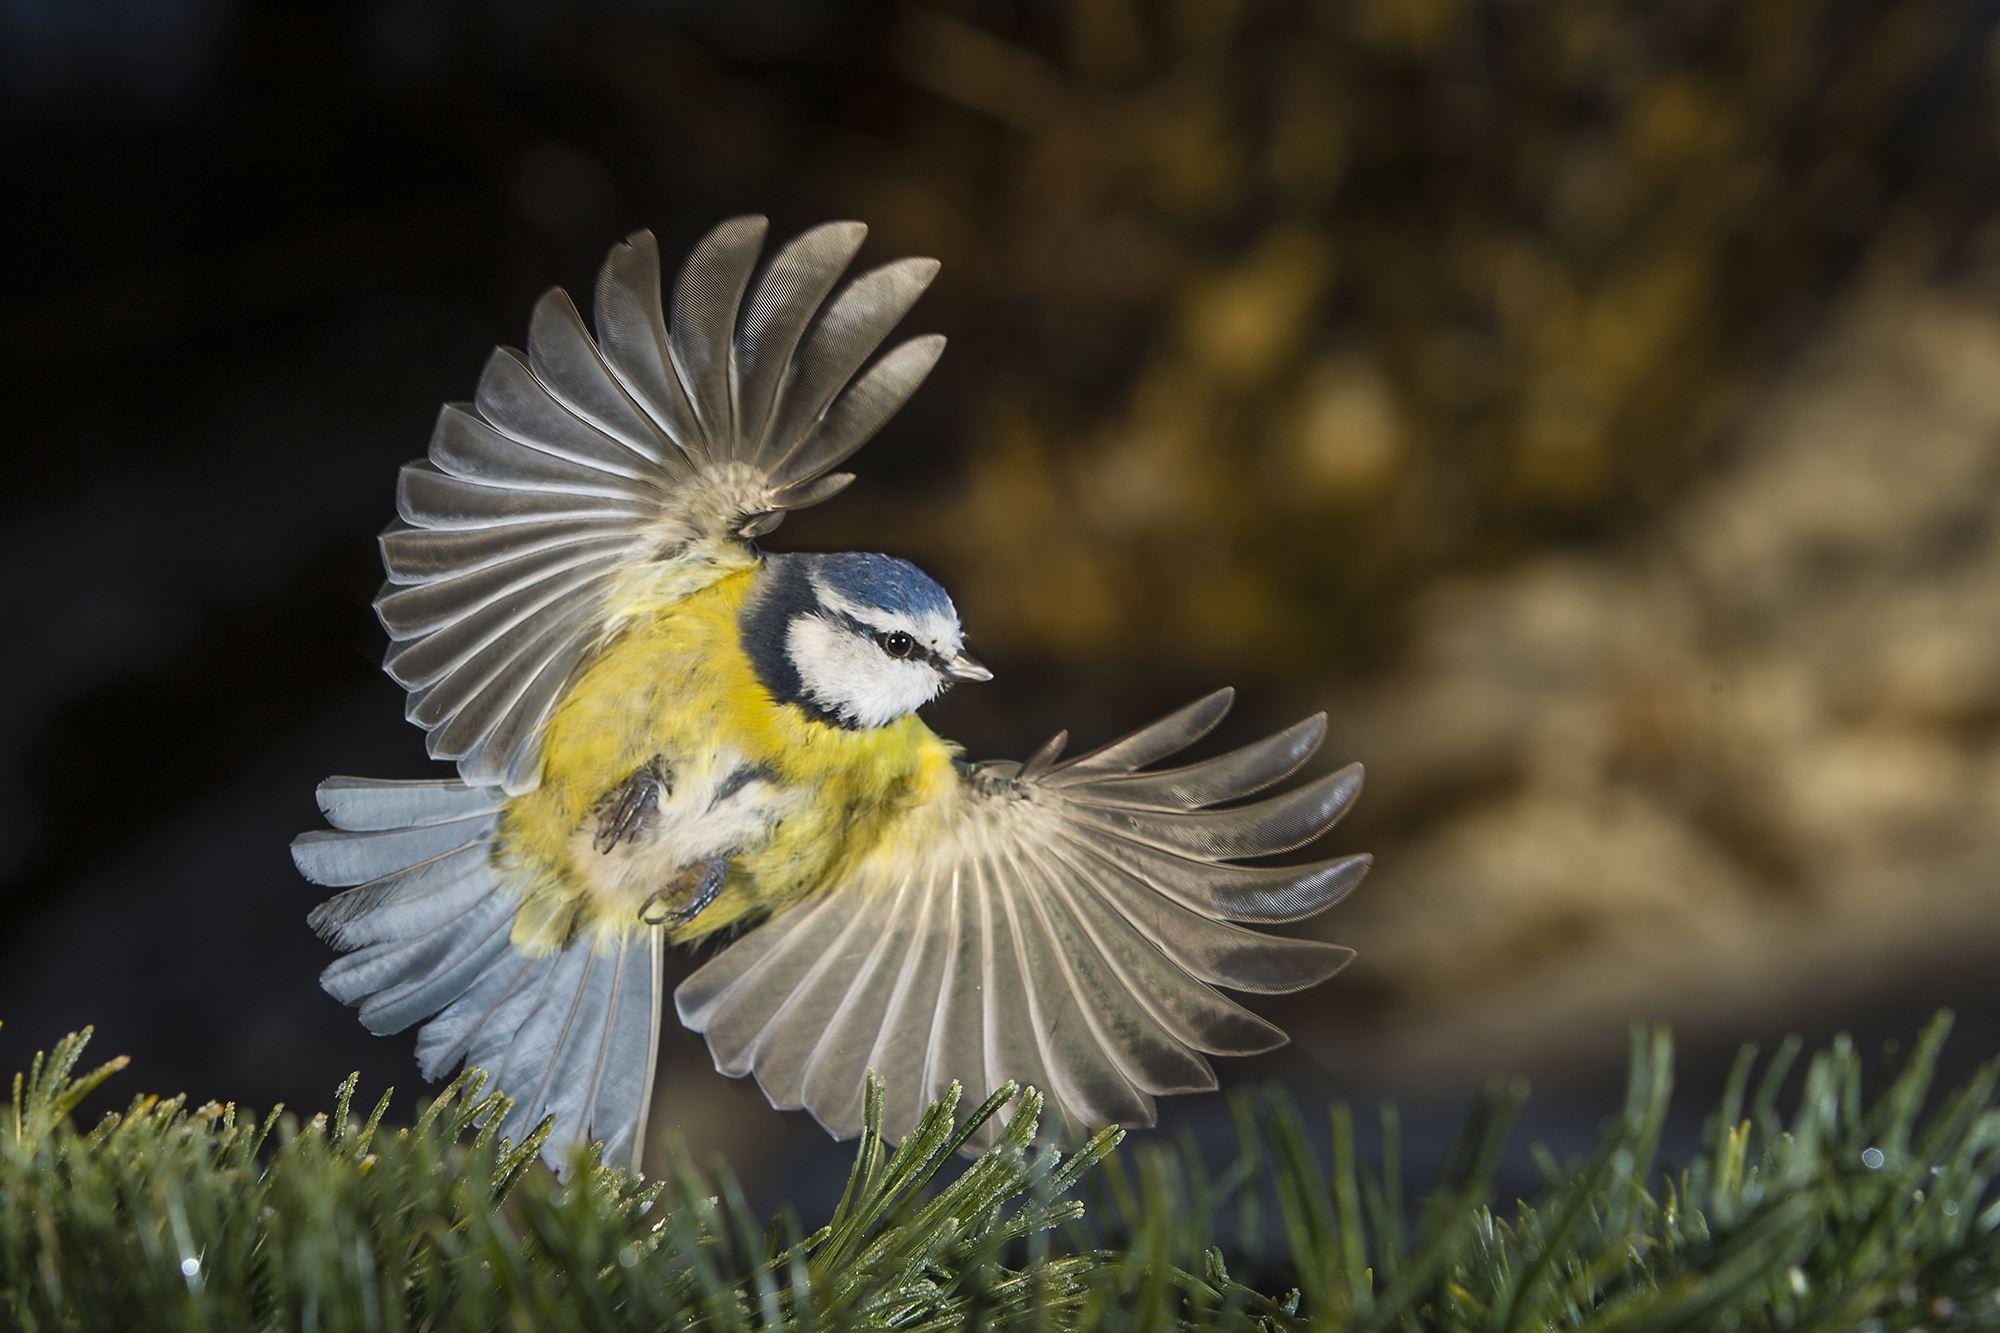 Gunnar Aus/Naturfotograferna., Blåmes fångad på bild i ett vingslag.